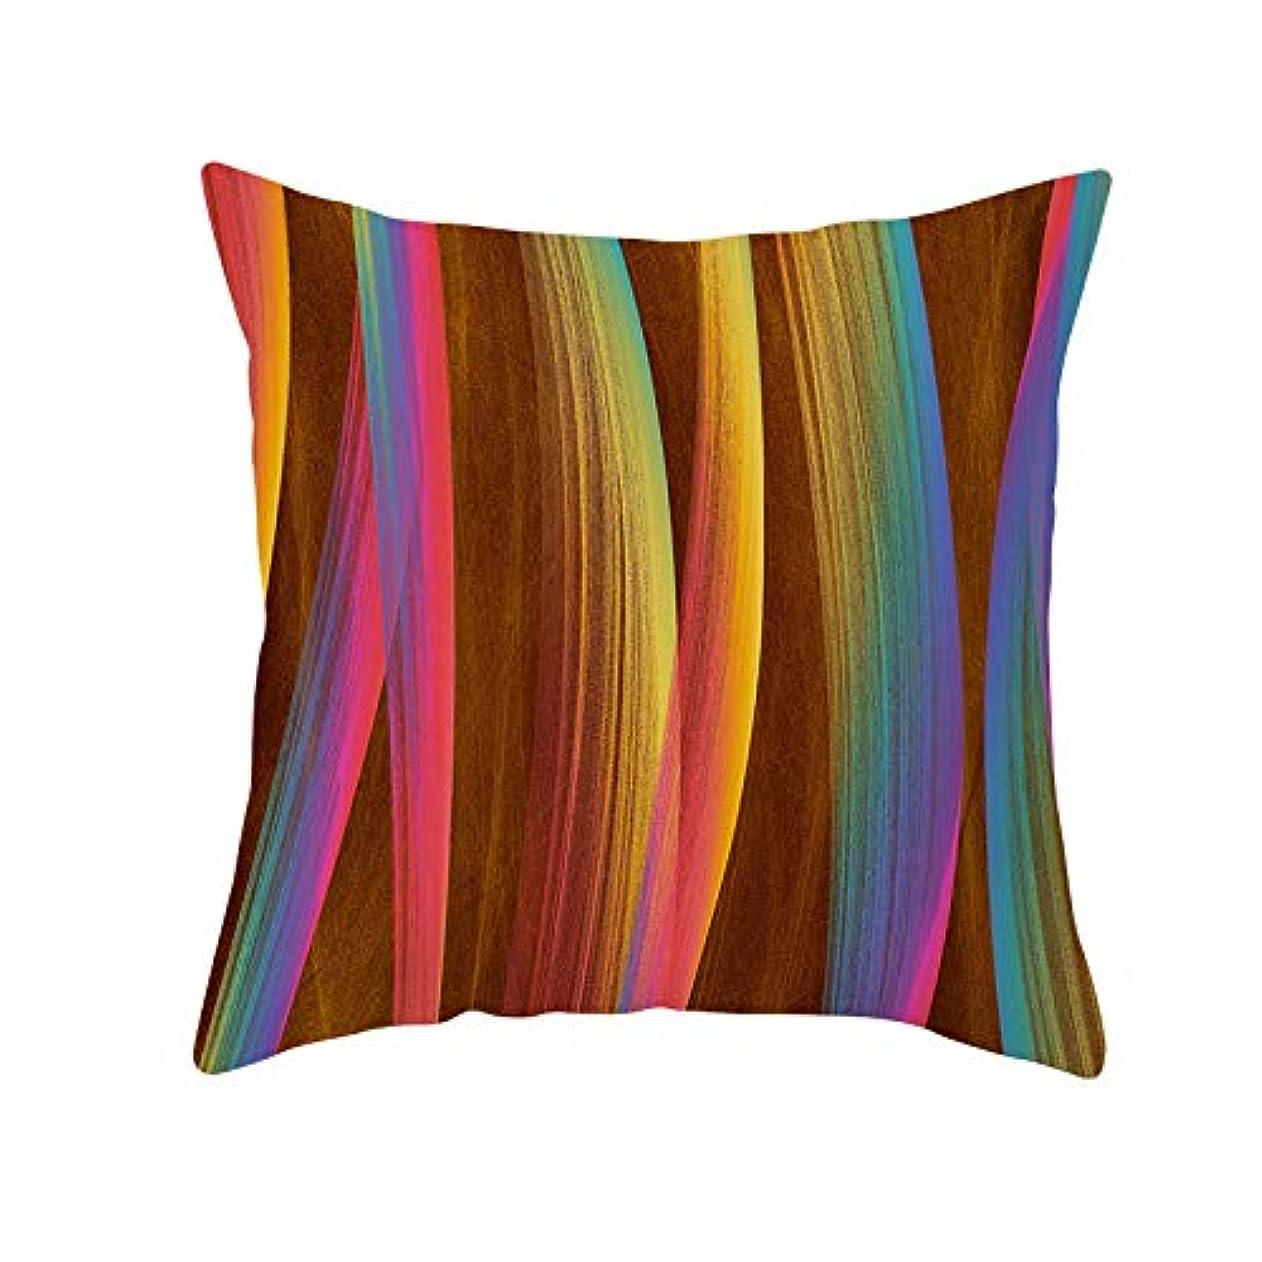 トロリーウェブ会うLIFE 装飾クッションソファ 幾何学プリントポリエステル正方形の枕ソファスロークッション家の装飾 coussin デ長椅子 クッション 椅子